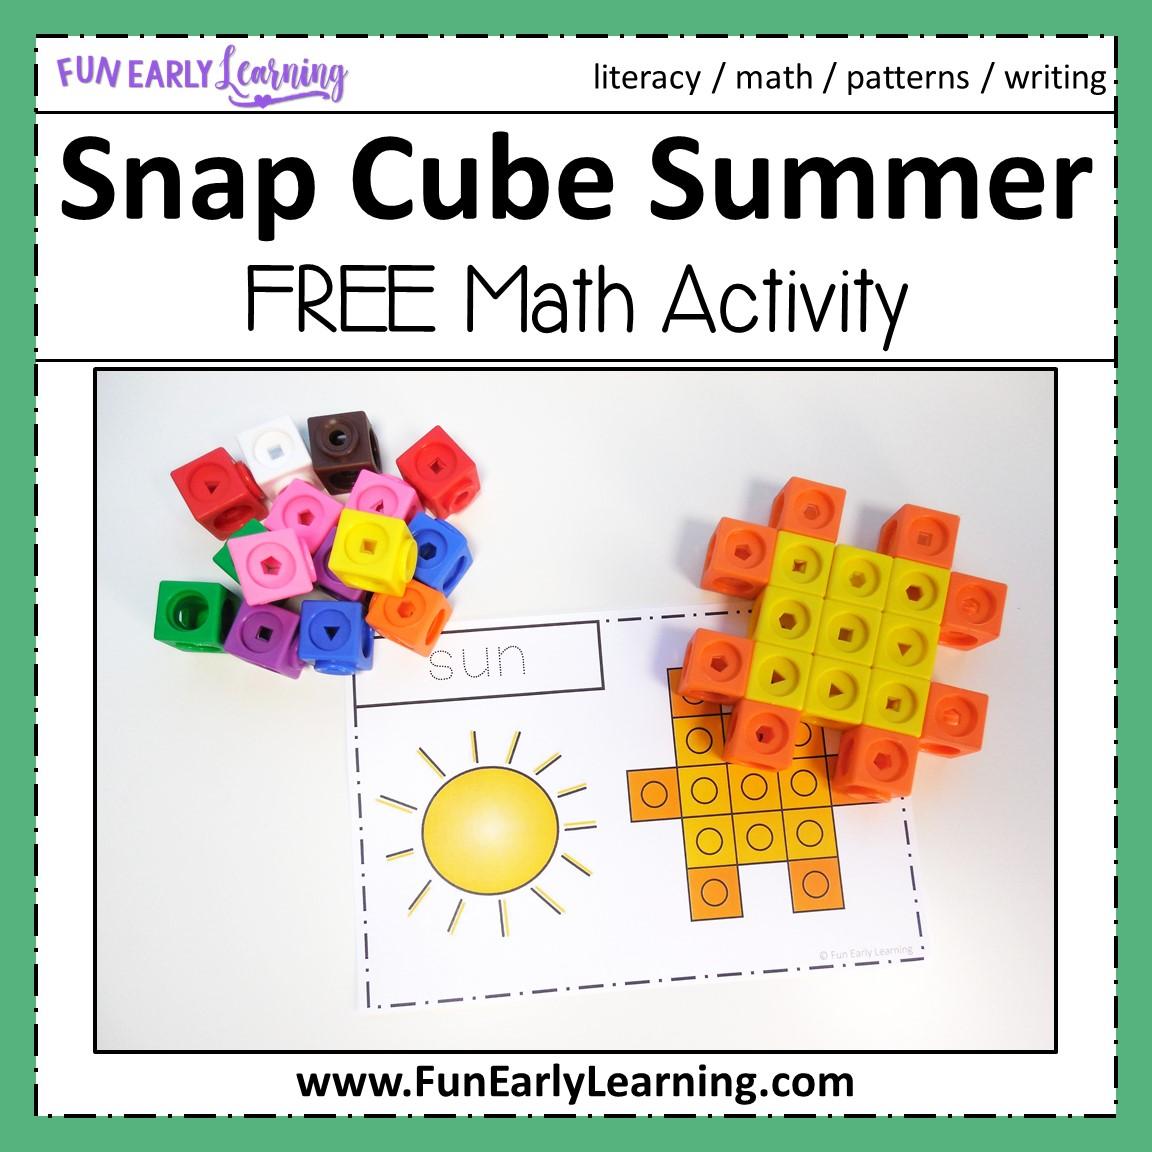 Snap Cube Summer